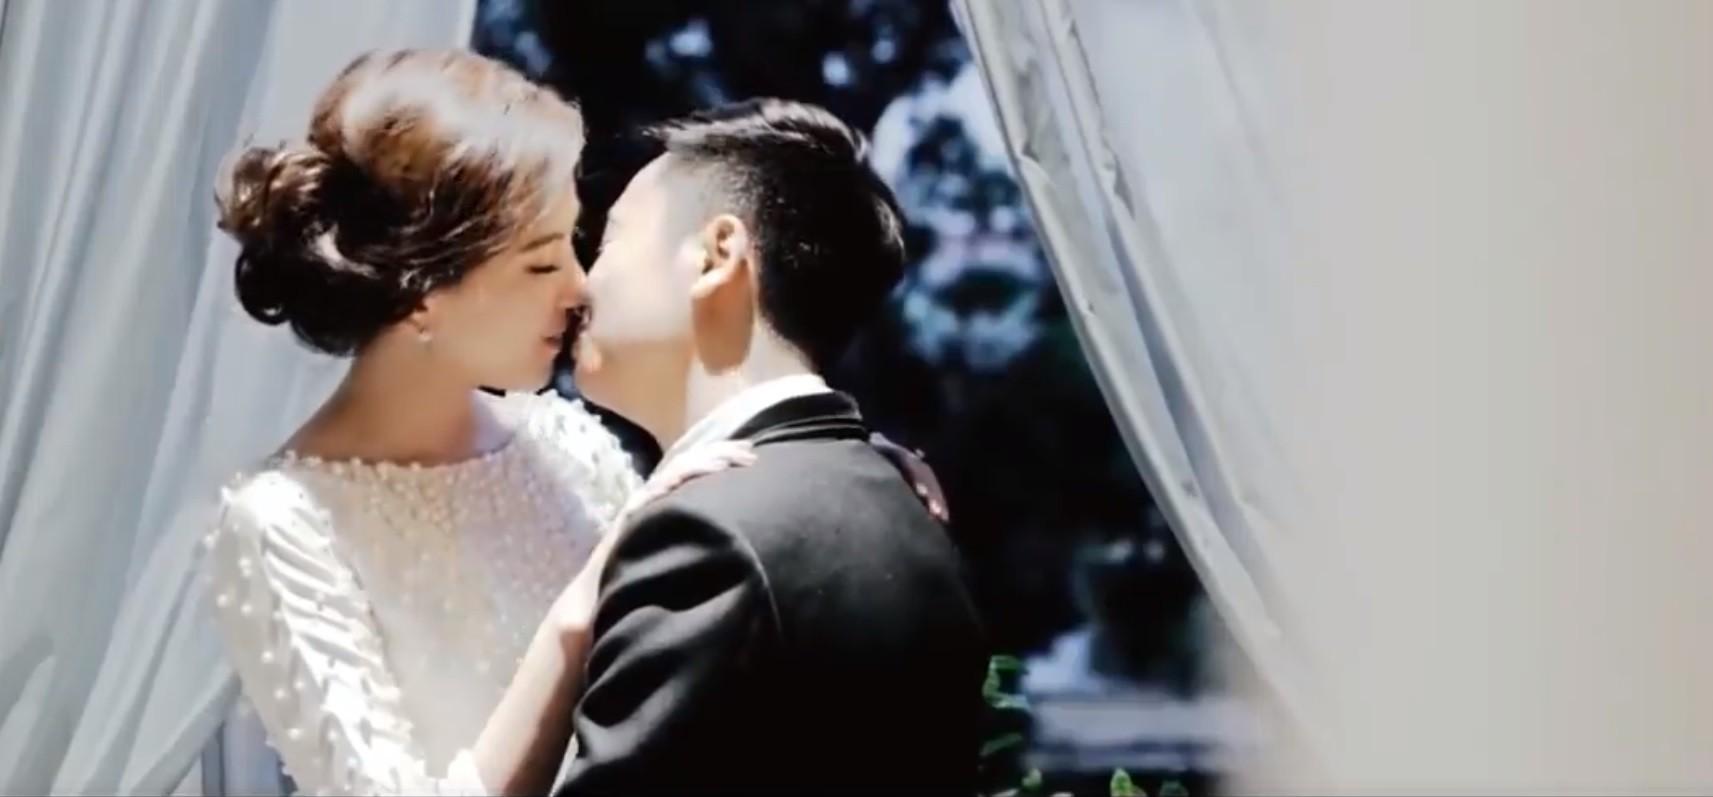 Kỉ niệm 1 năm ngày cưới, 'hot girl thời tiết' Mai Ngọc tung clip đẹp tựa ngôn tình-4